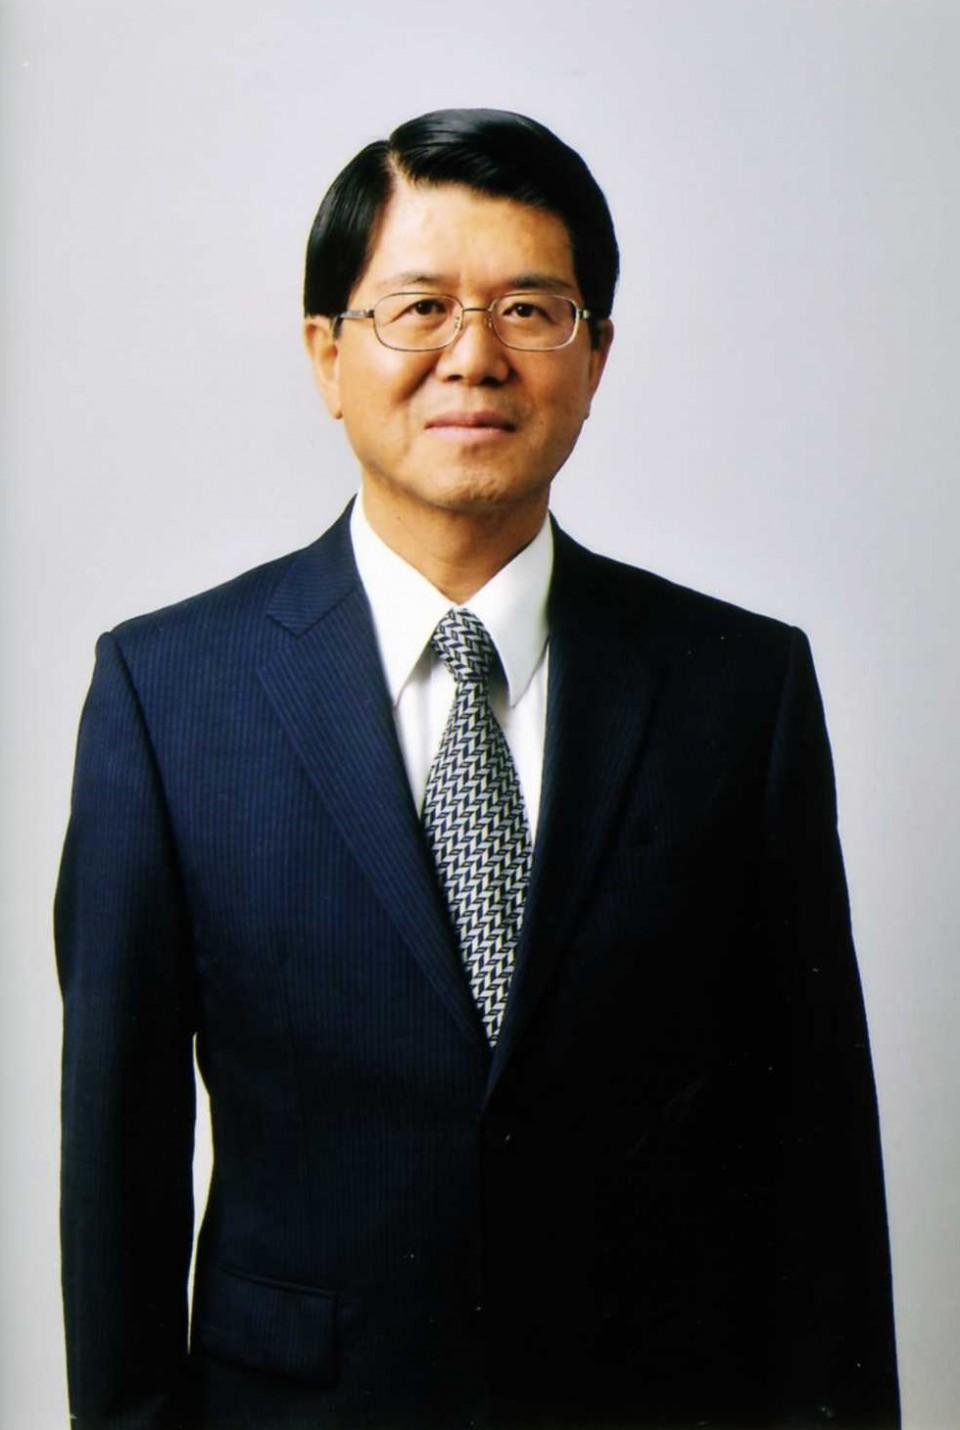 中村栄太郎氏